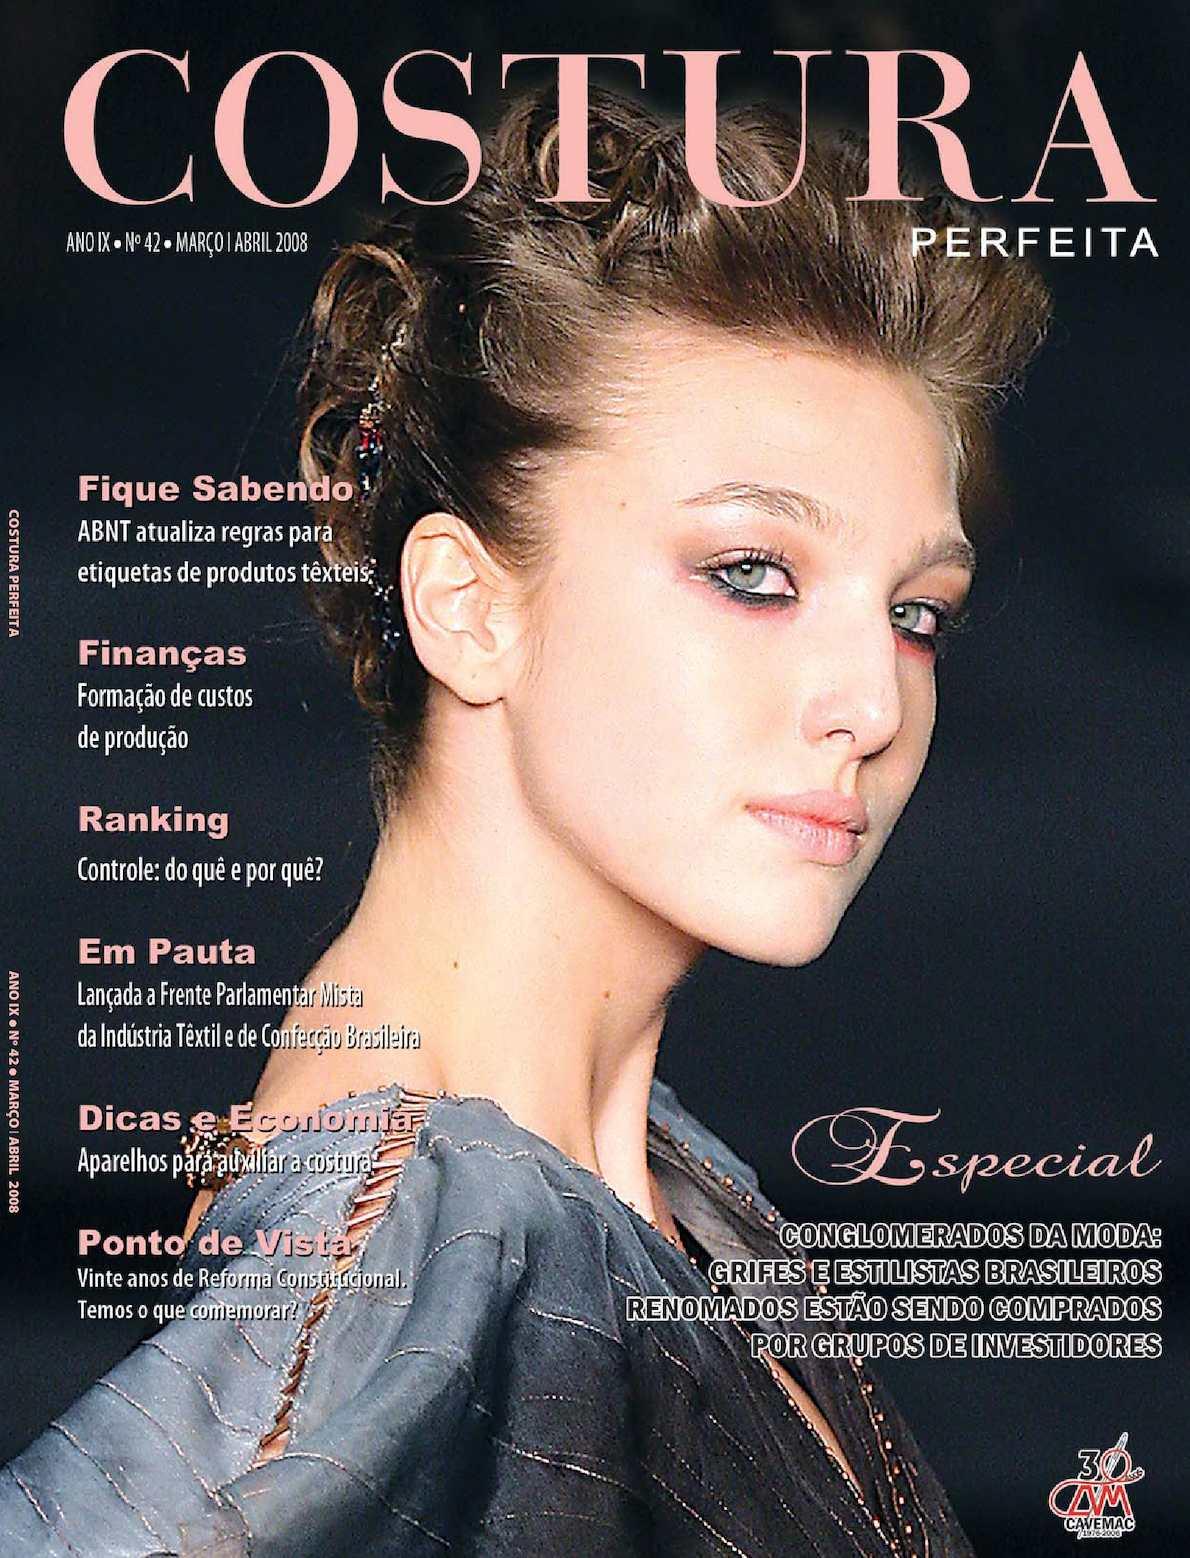 Calaméo - Revista Costura Perfeita Edição Ano IX - N42 Março-Abril 2008 c886ef89fc